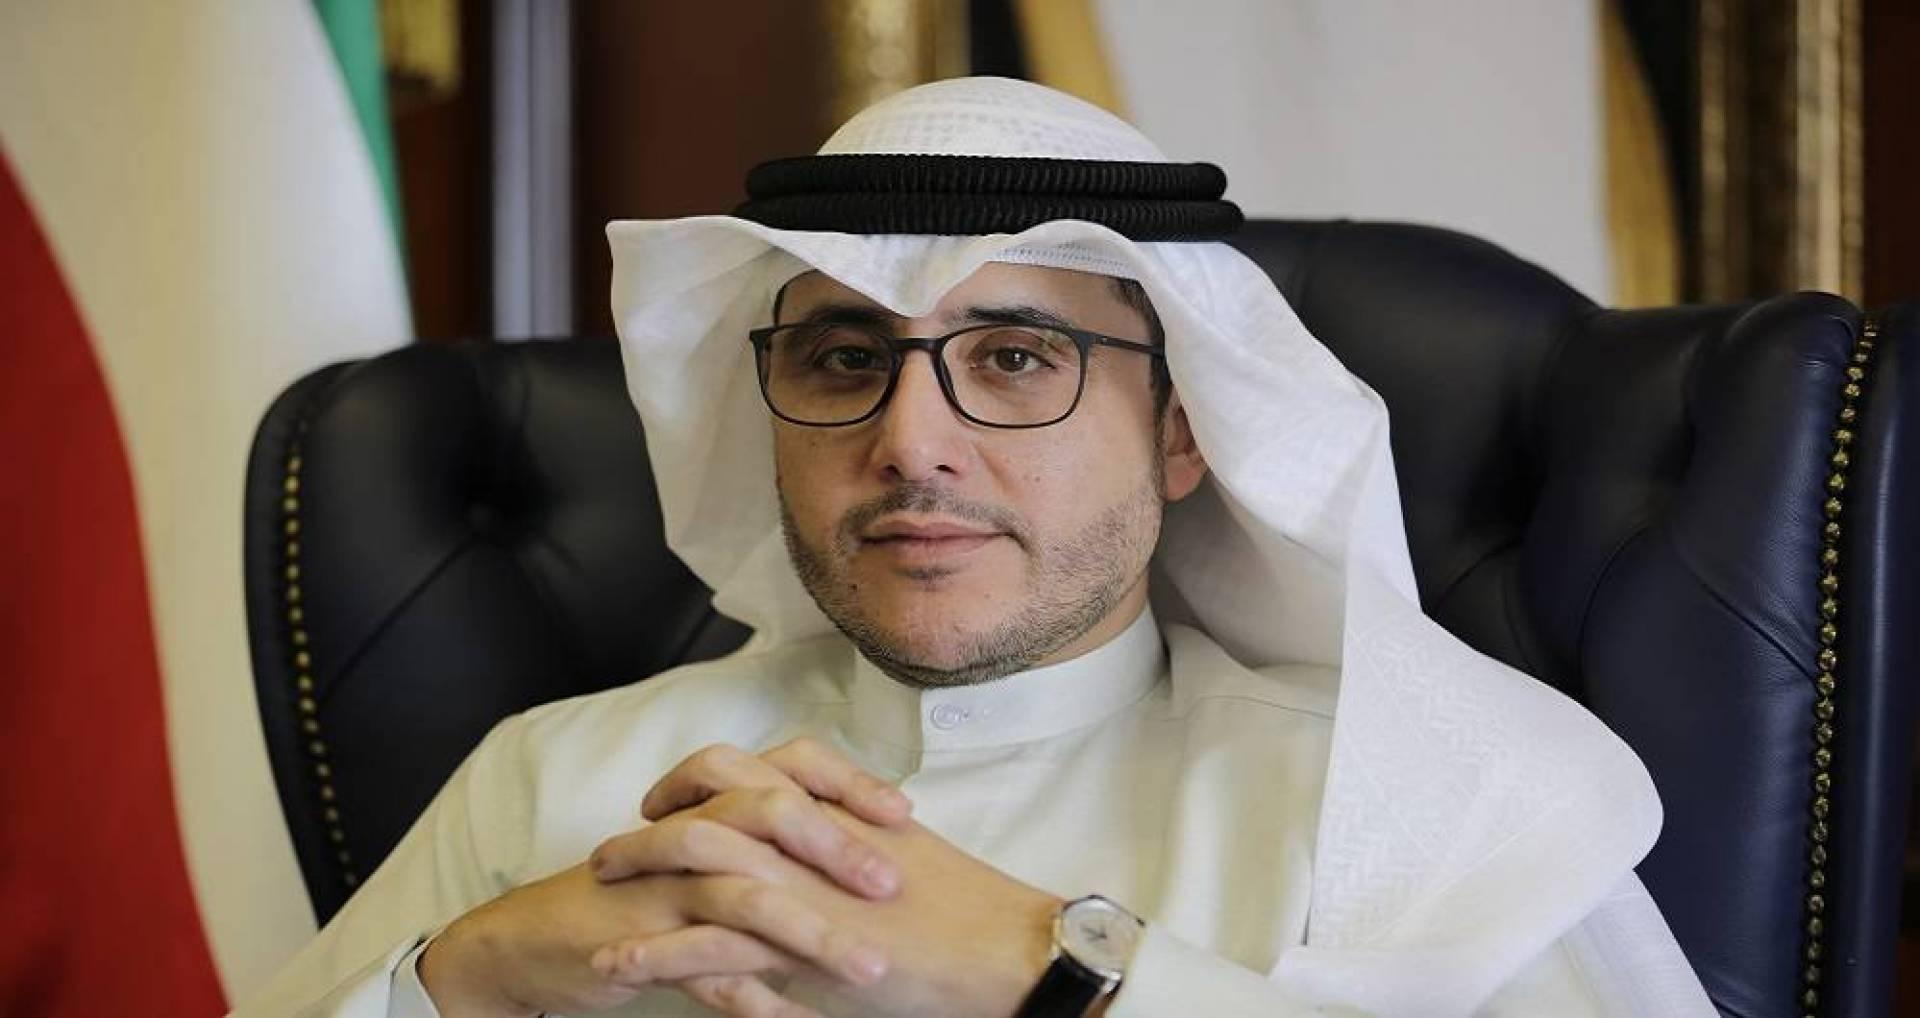 وزير الخارجية: مواصلة دعم جهود الوساطة ونشر قيم السلام والتسامح حول العالم